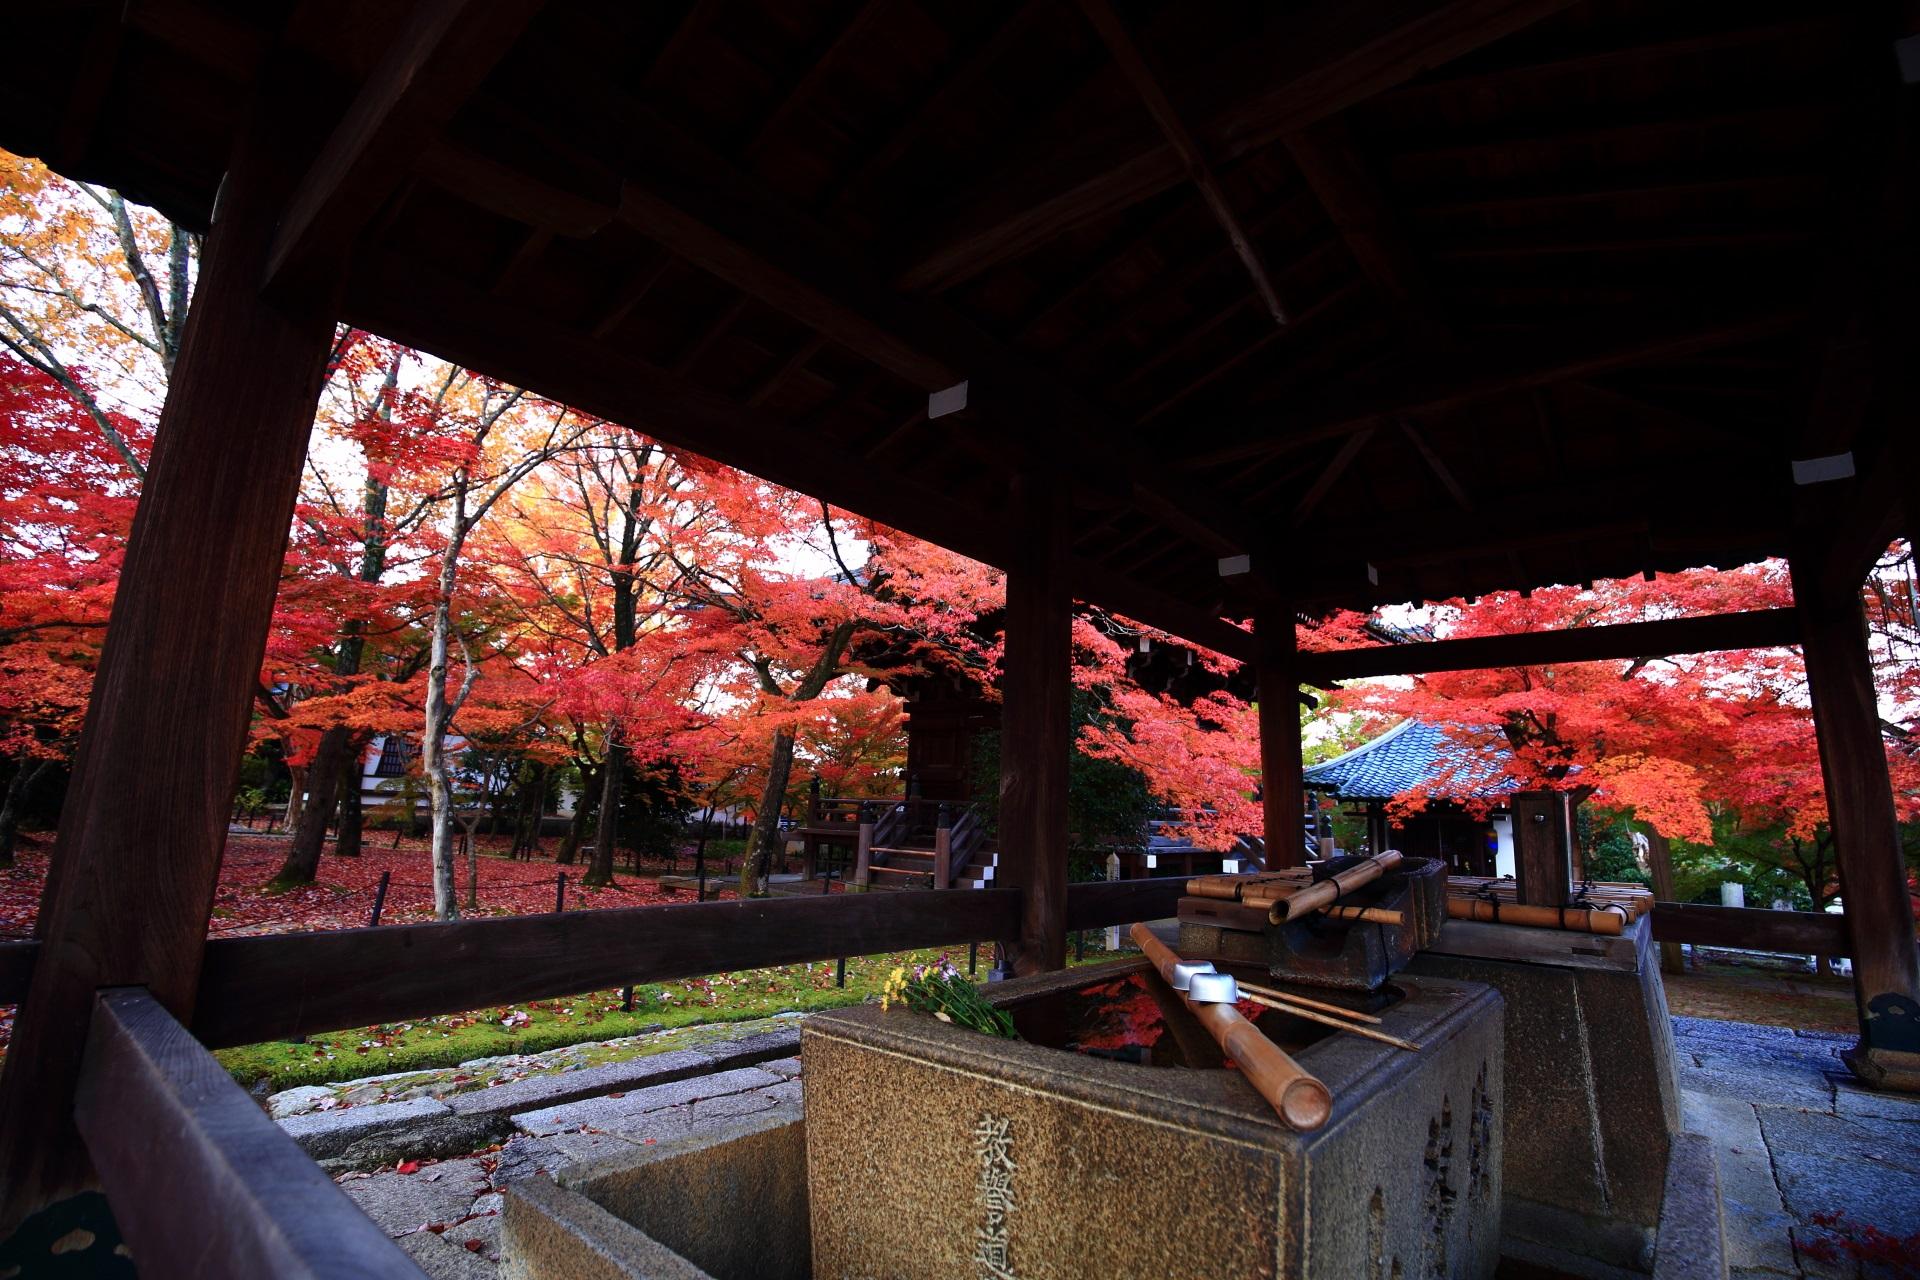 真如堂の手水舎から眺めた境内の風情ある紅葉